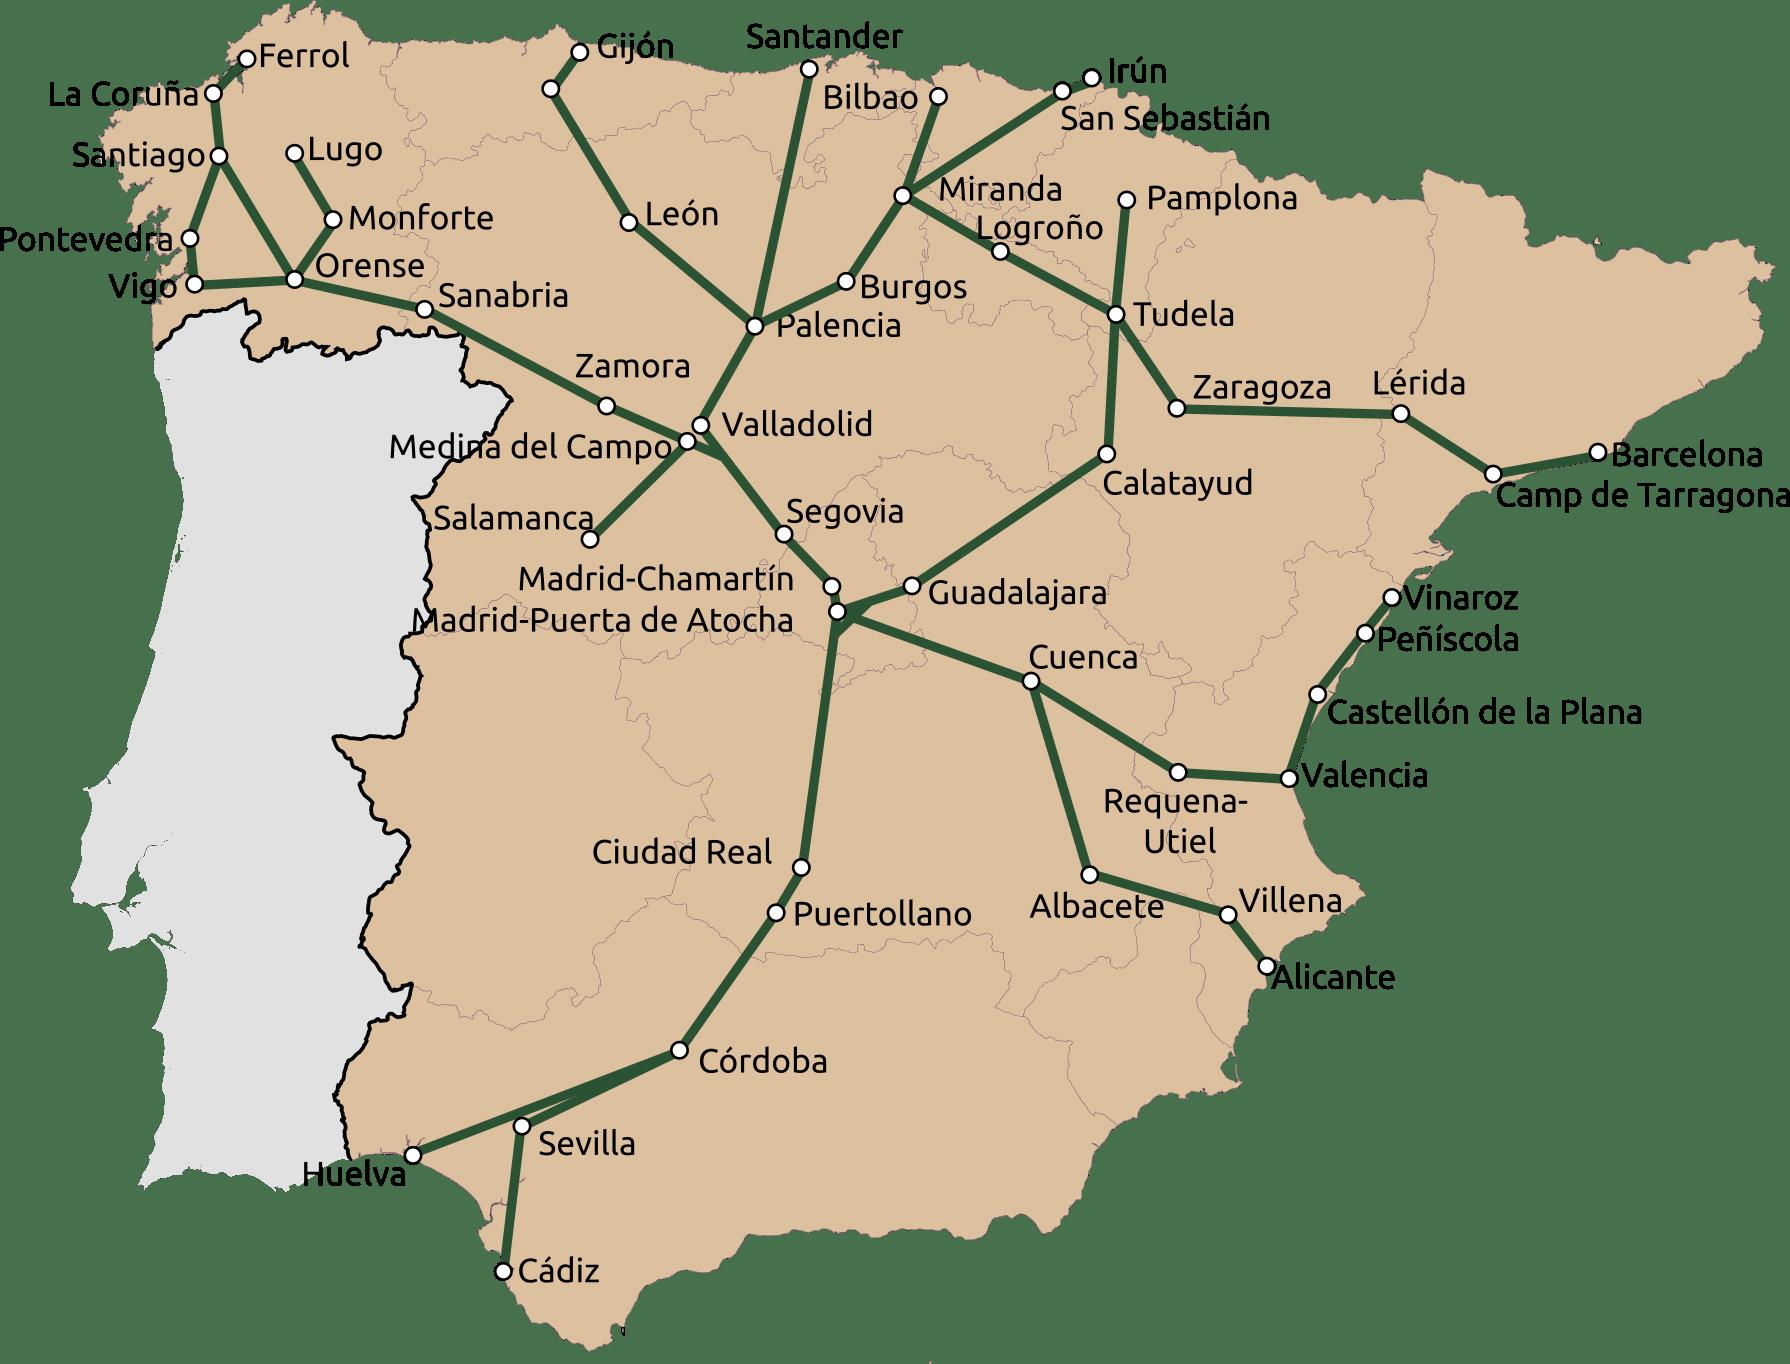 Red de trenes Renfe Alvia